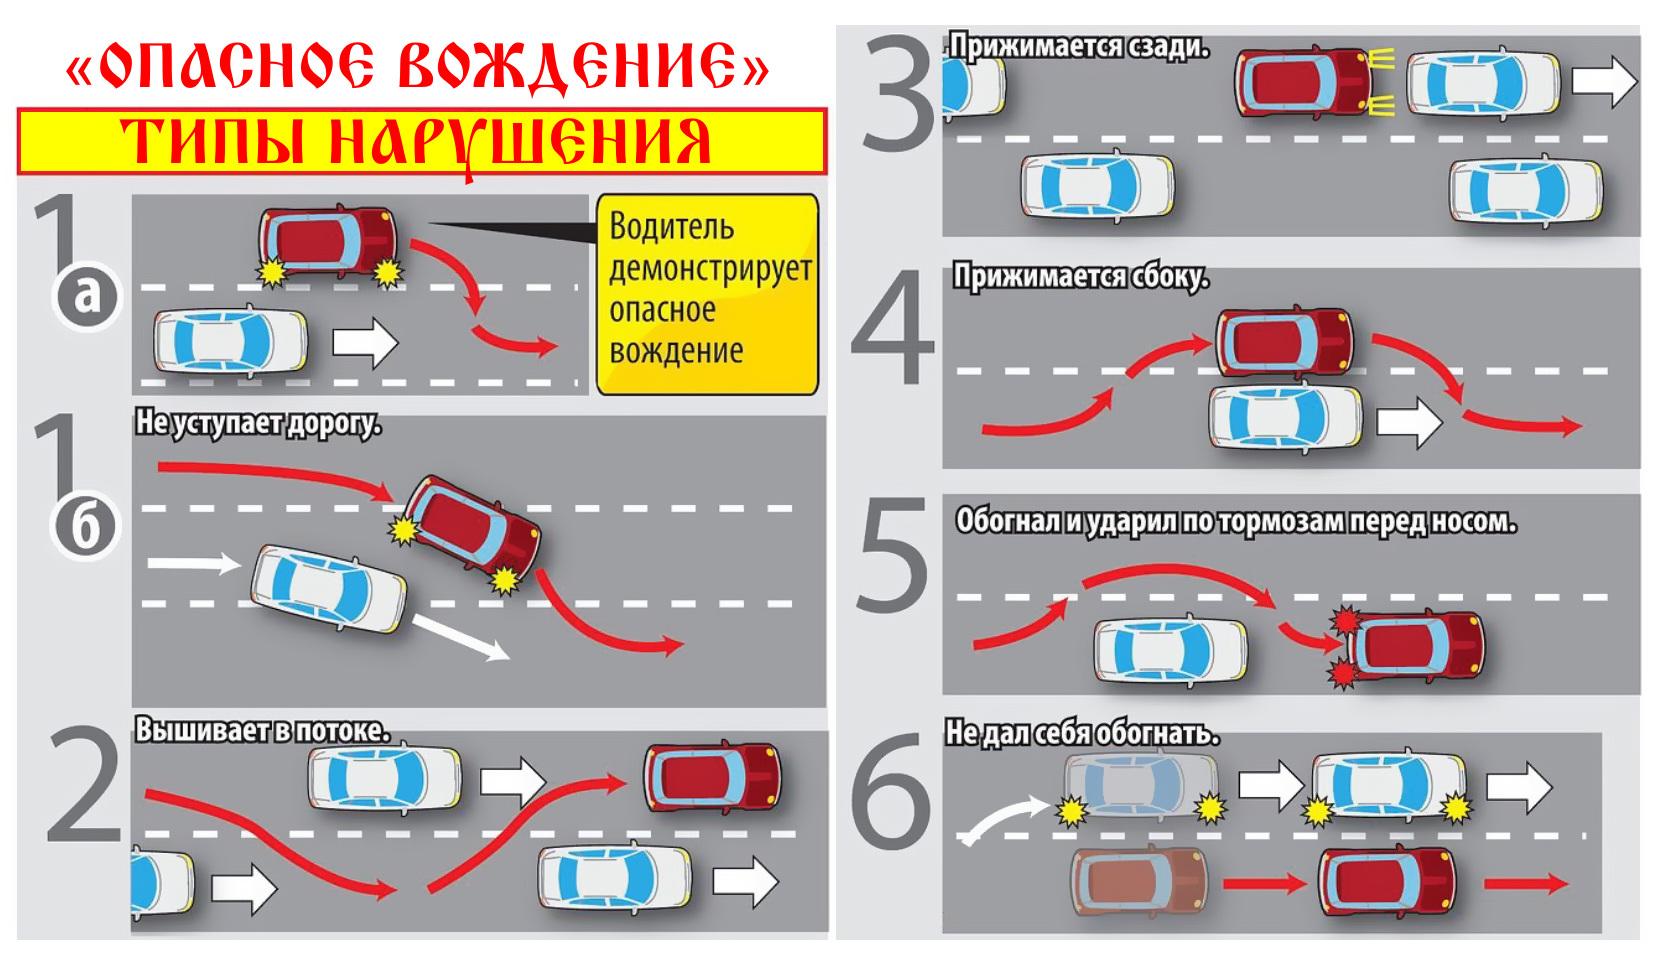 «Опасное вождение» типы нарушения